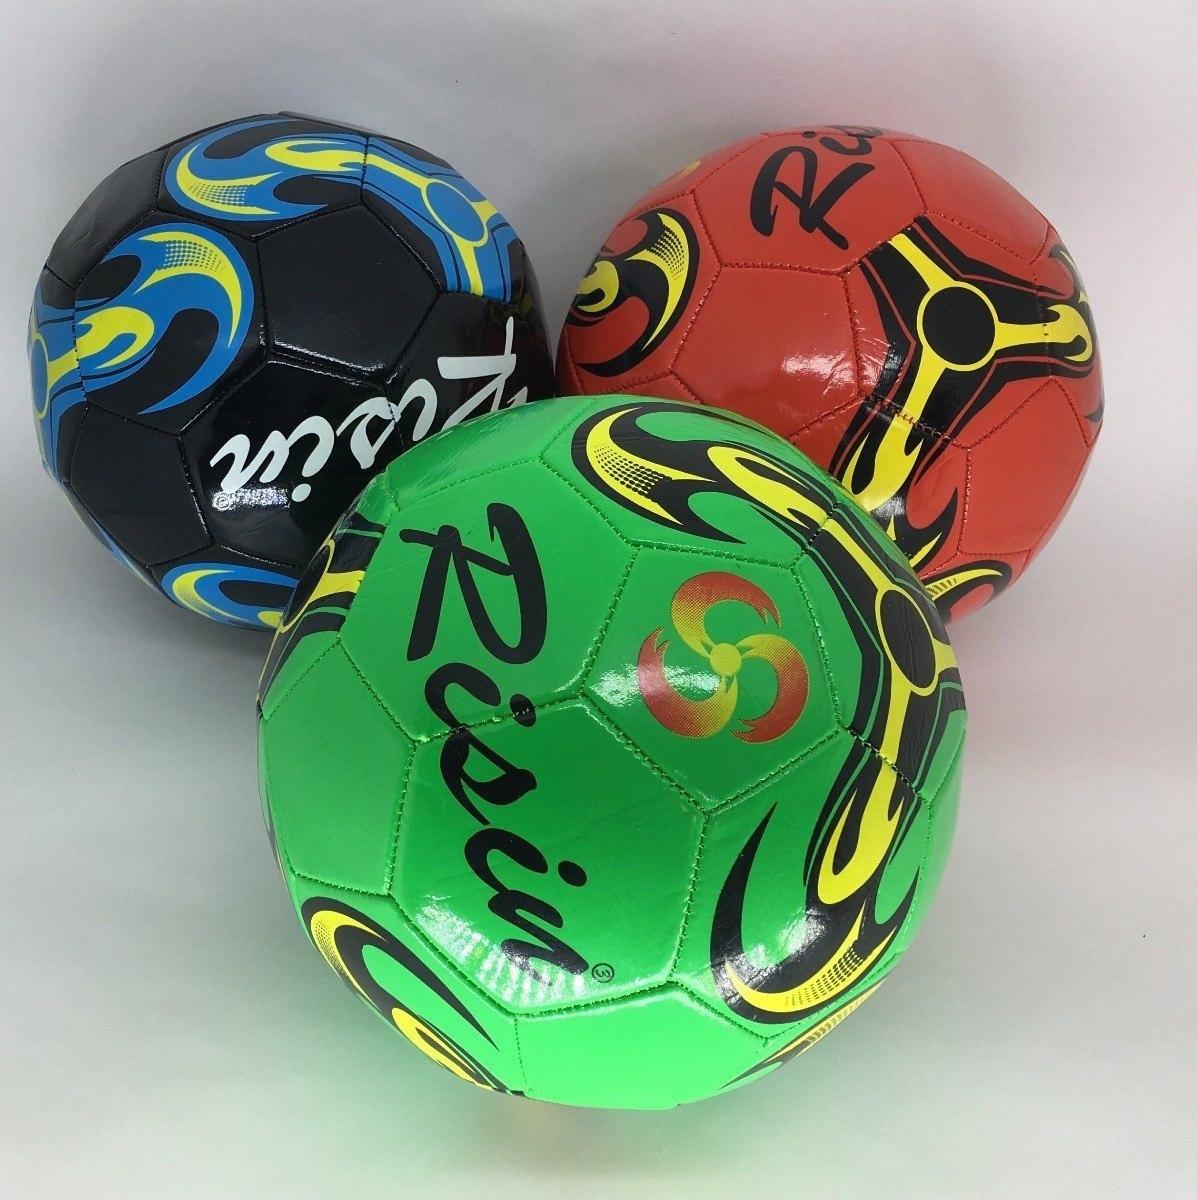 b3e024c6a5 kit com 5 bolas de futebol para revenda - preço de atacado. Carregando zoom.